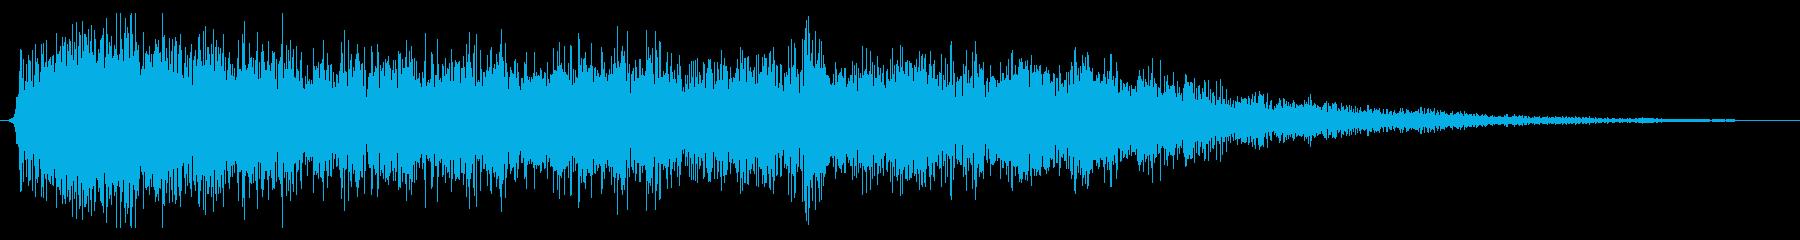 緊張 UFO 03の到着の再生済みの波形